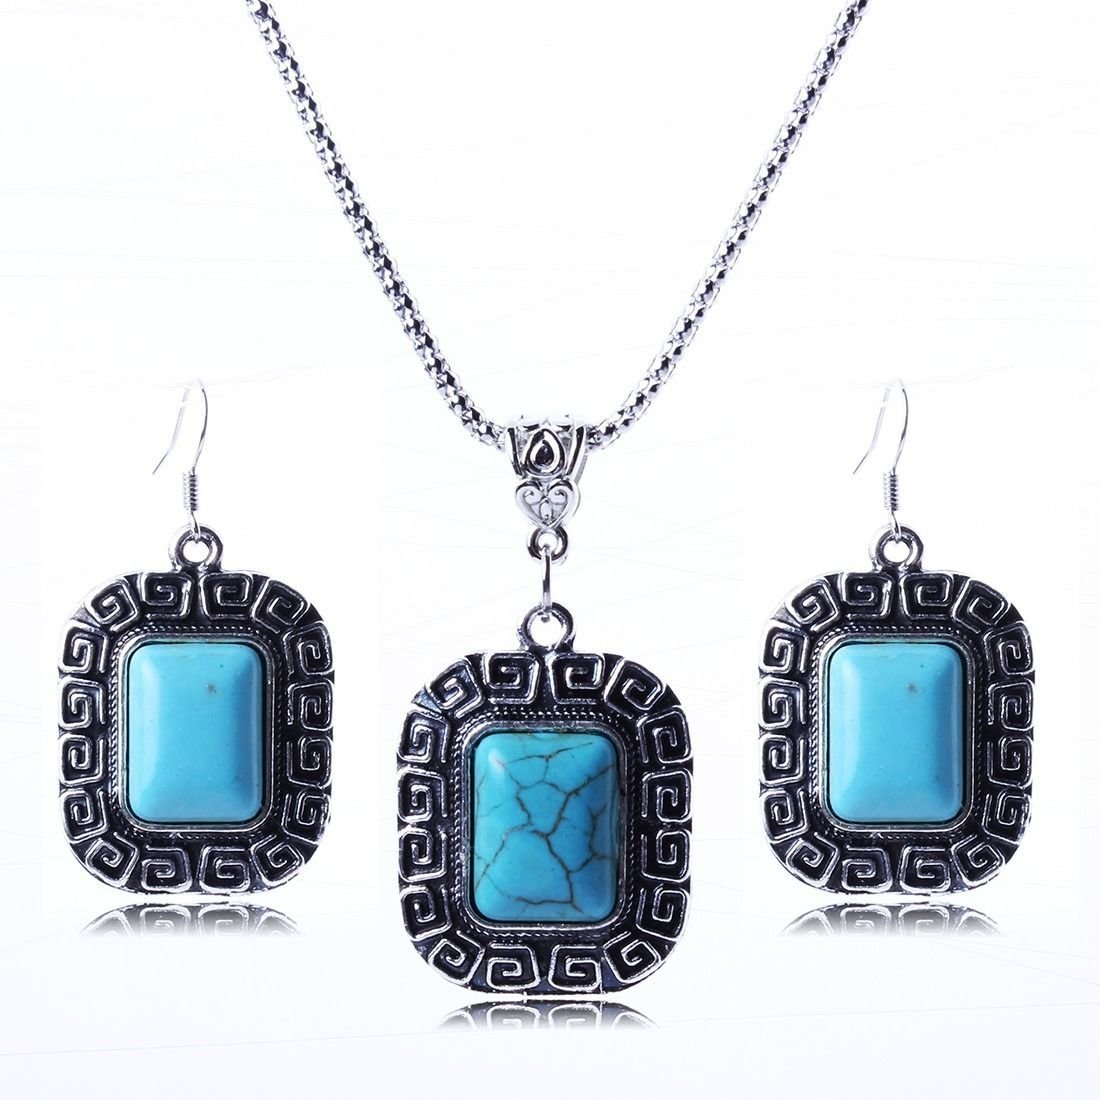 Turquoise antique silver chain pendant necklace Set